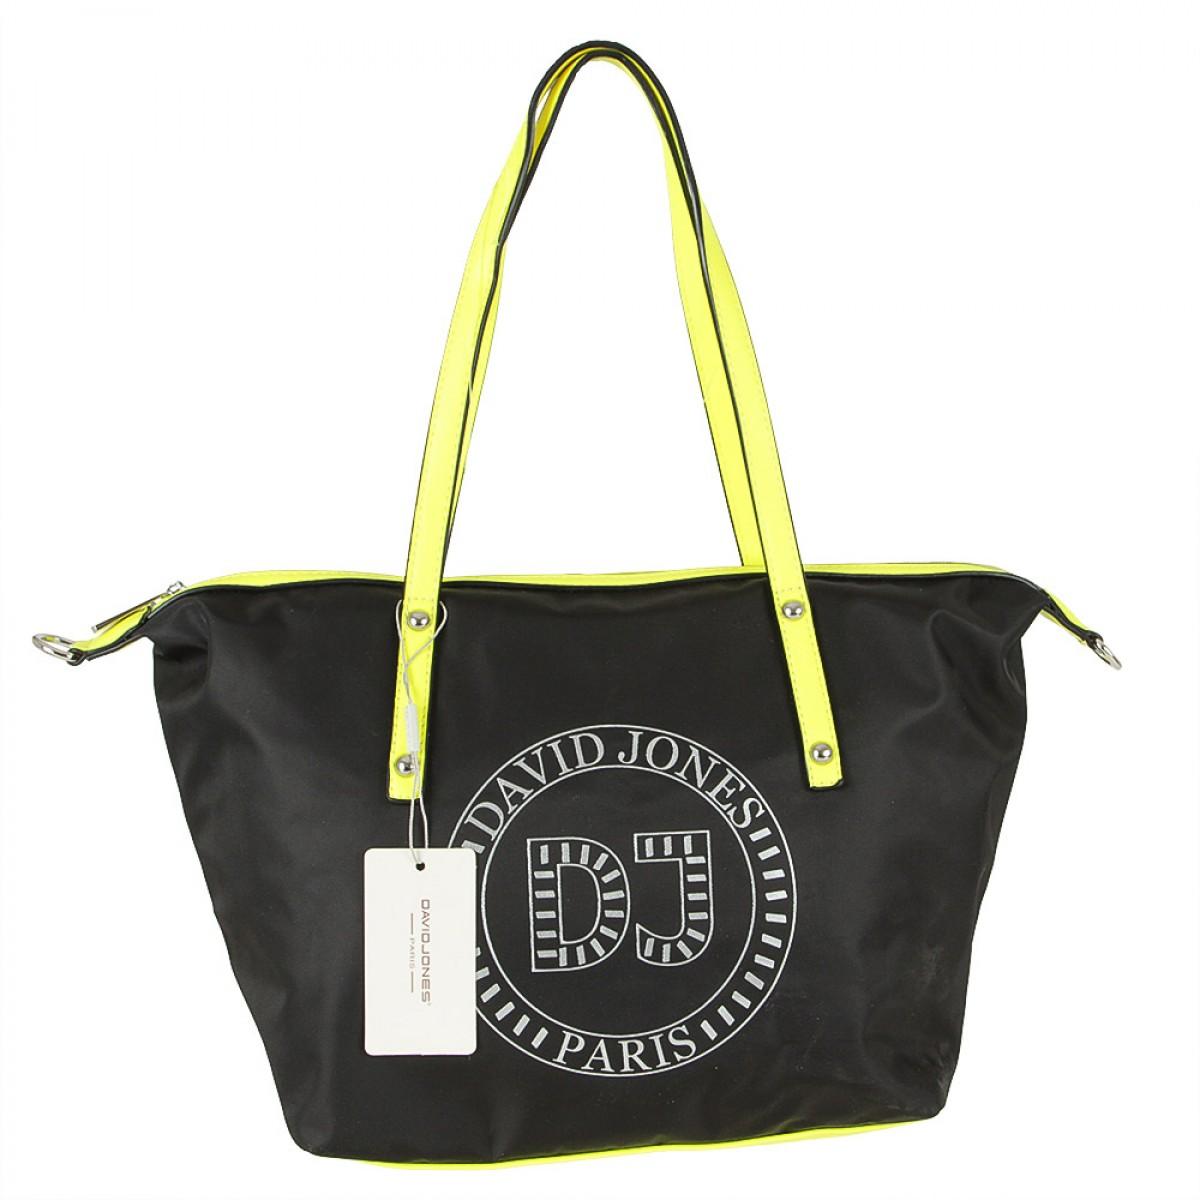 Жіноча сумка David Jones  6271-2 BLACK